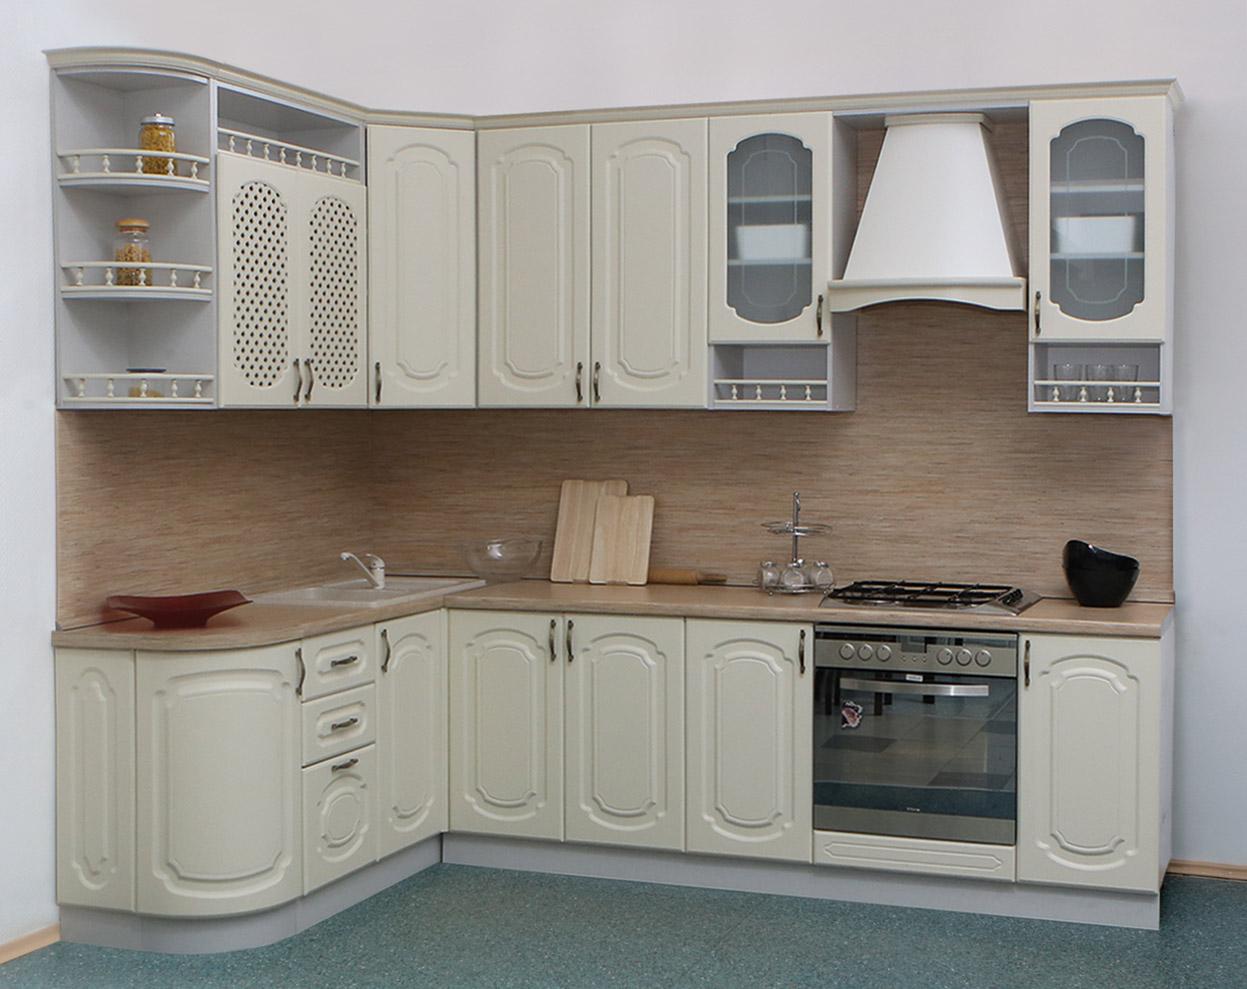 Мебельная фабрика угловые кухни угловой светодиодный профиль на кухне